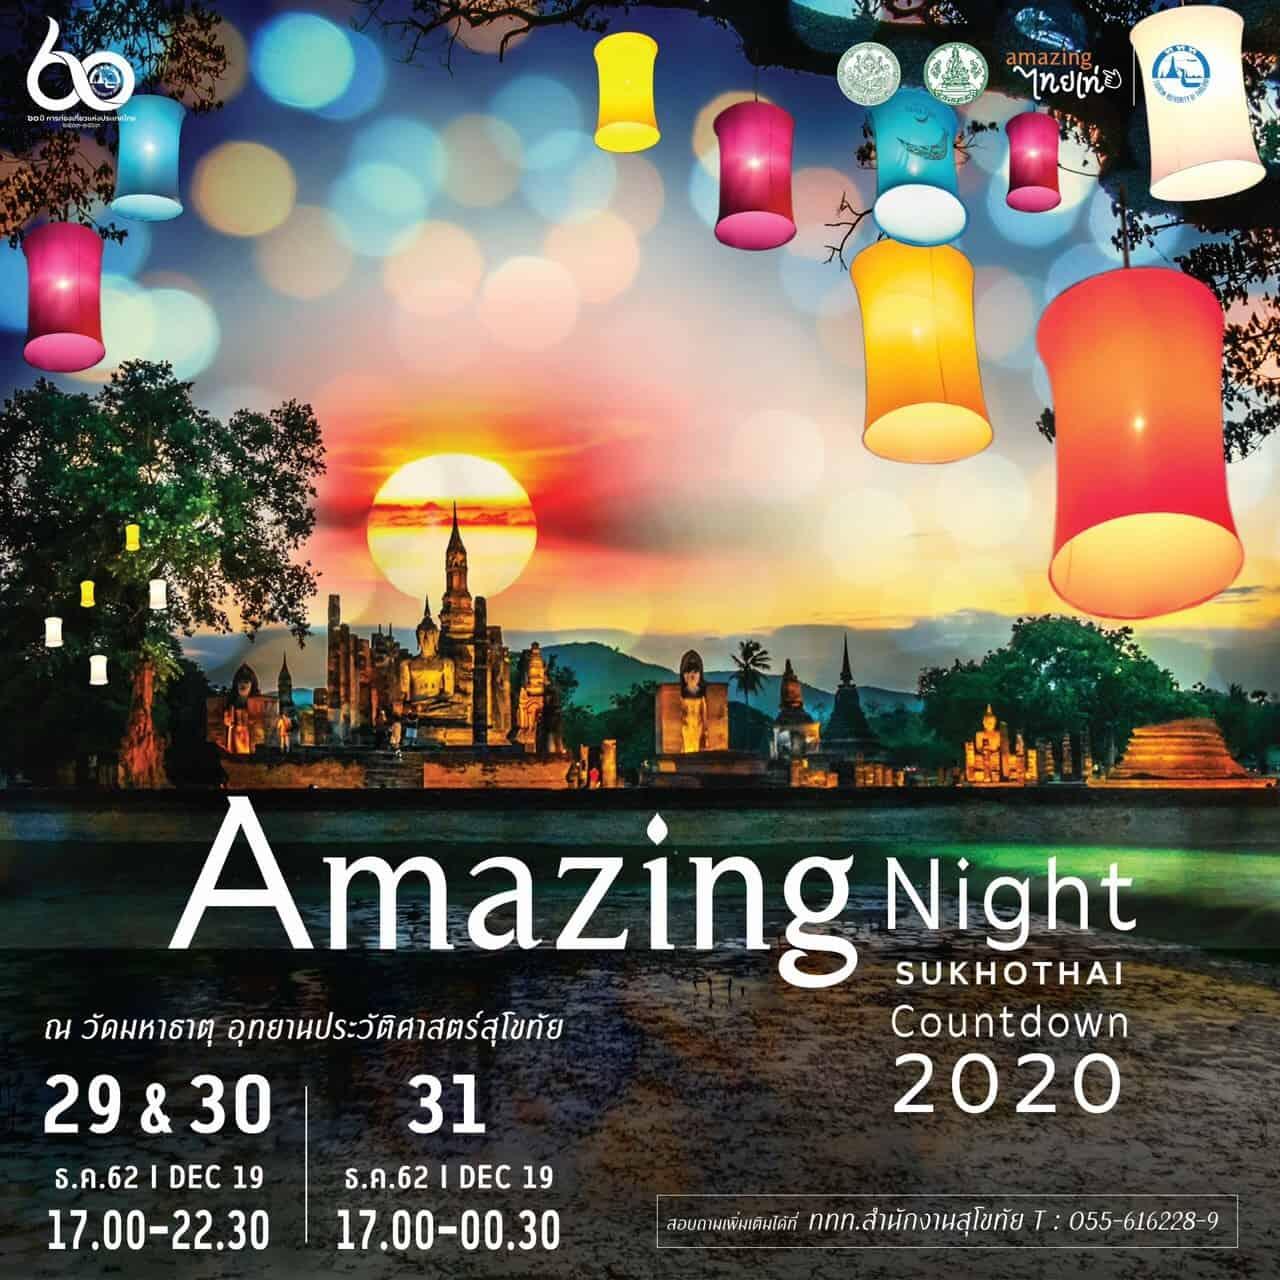 Plakat Amazing Night Sukhothai Countdown 2020